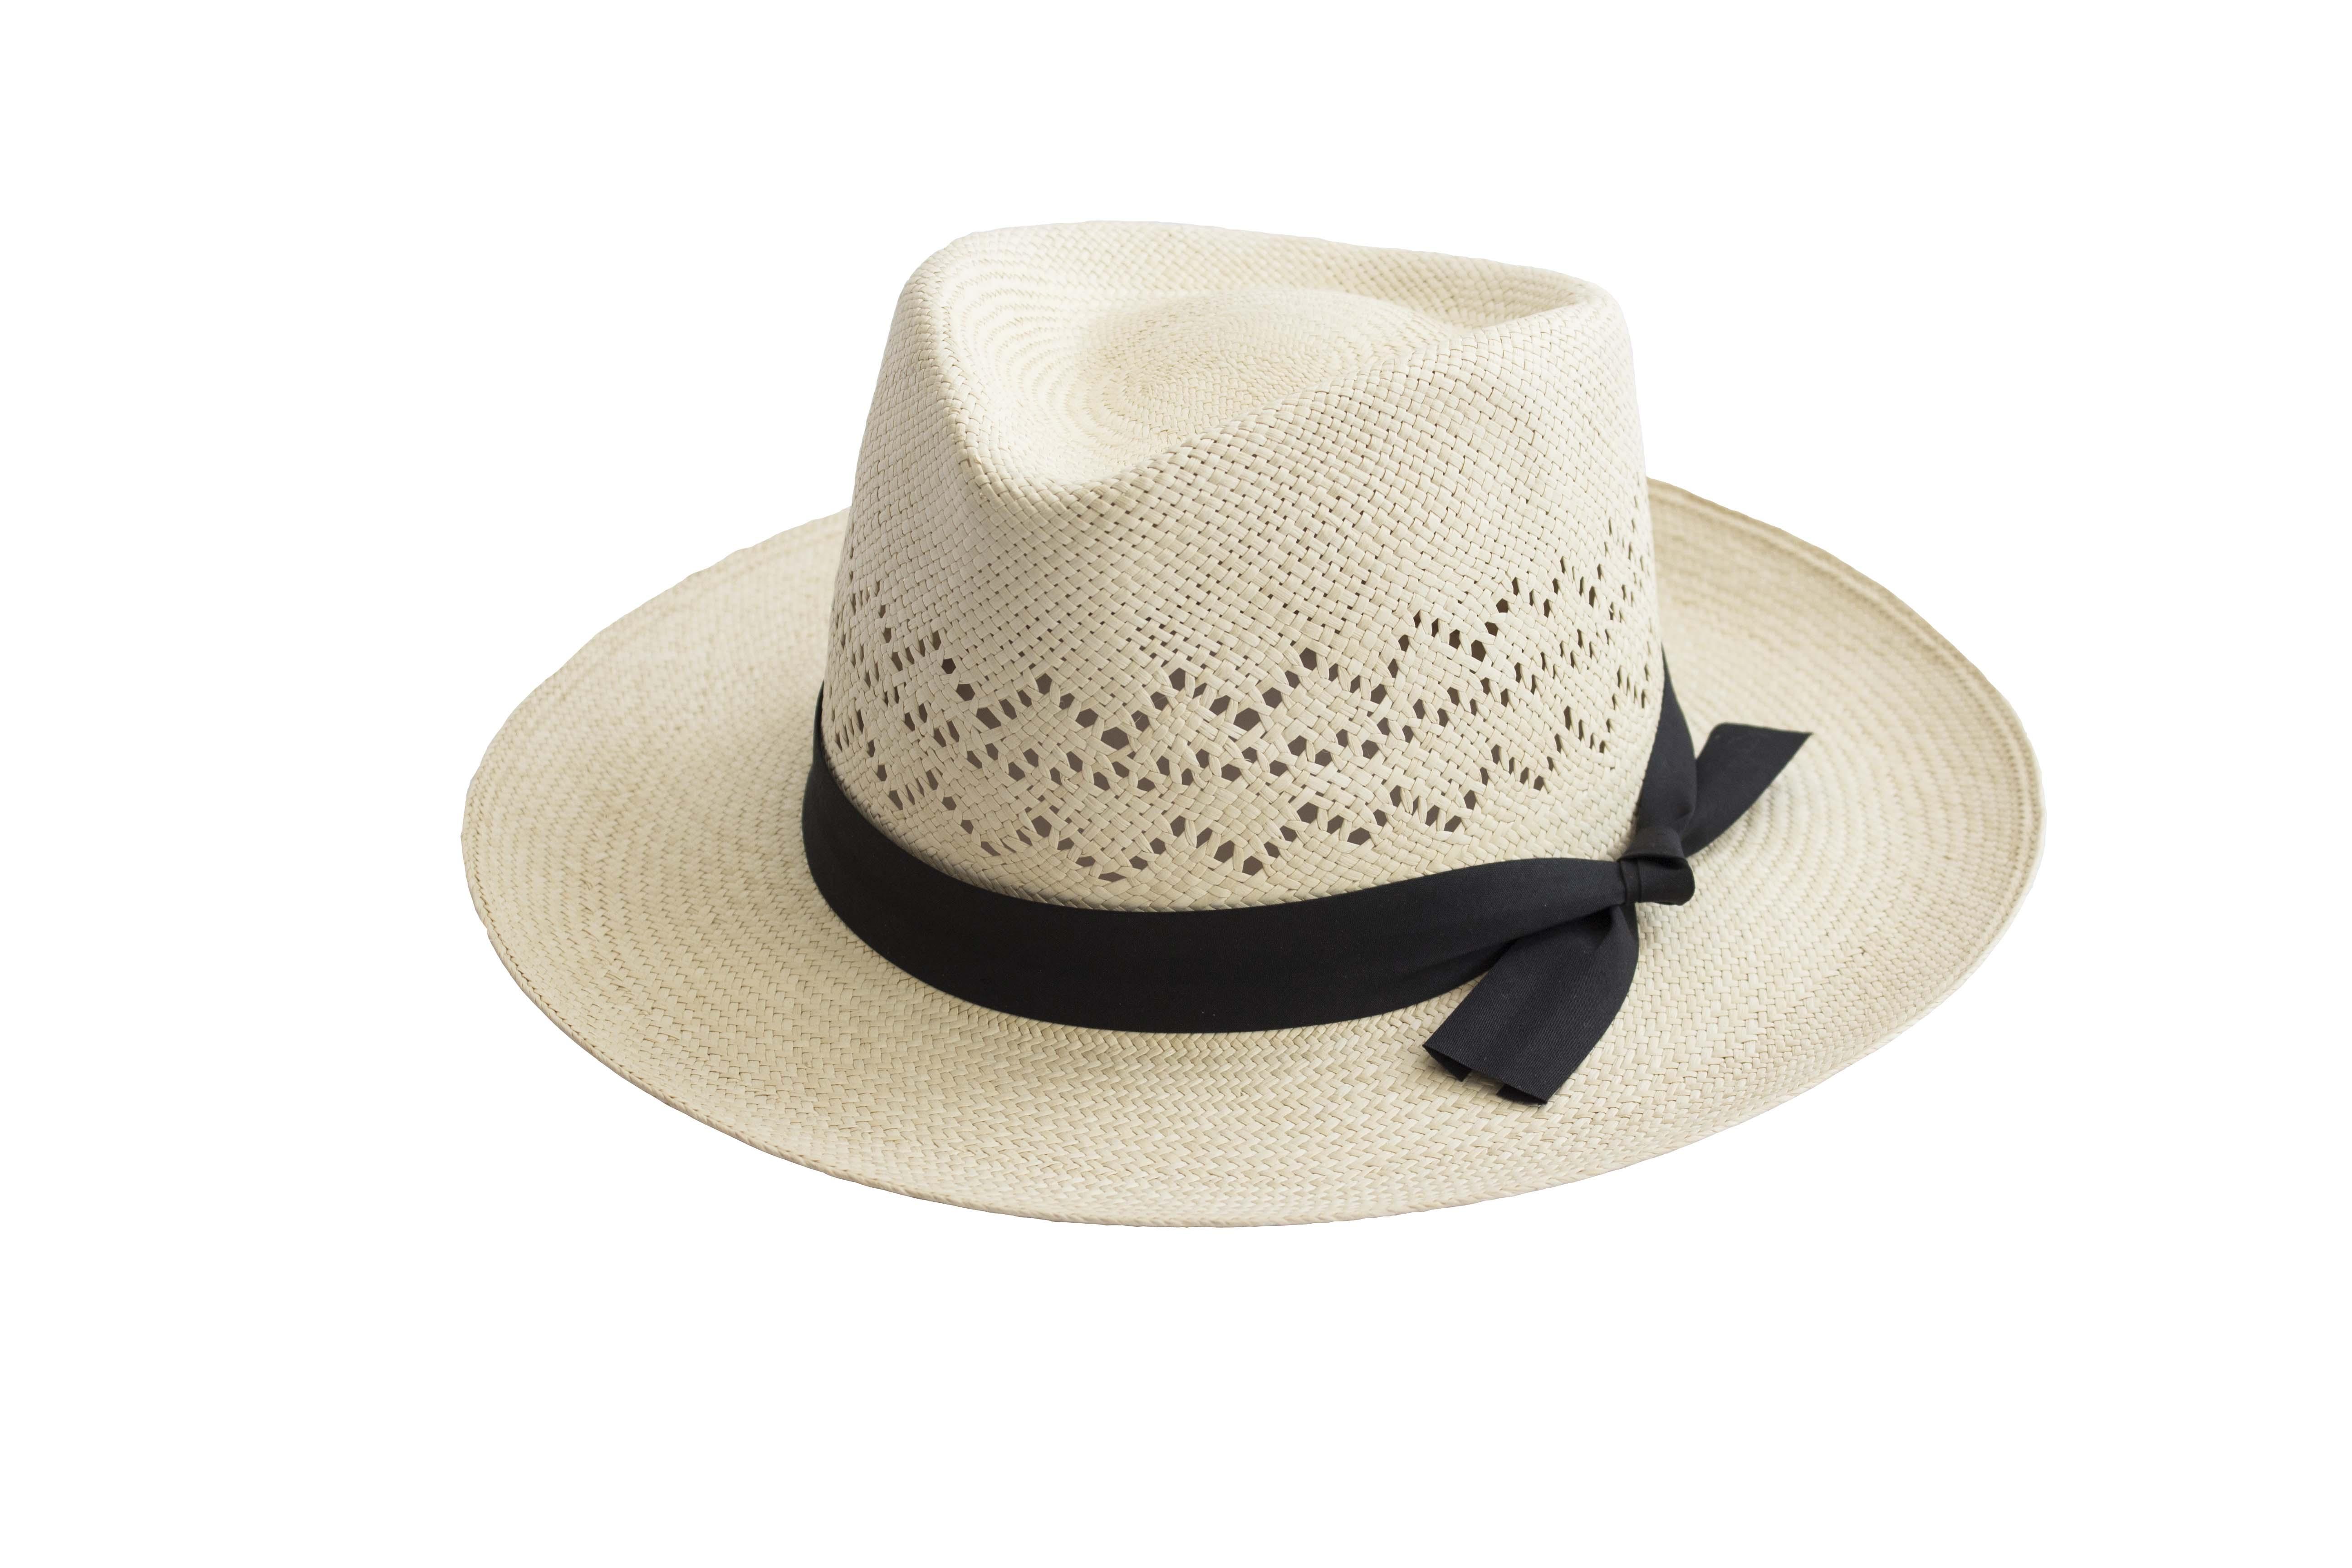 ad76c12a6c19a Sombrero de jipi americano calado tipo panamá tejido a mano jpg 5184x3456 Jipi  sombrero de panama